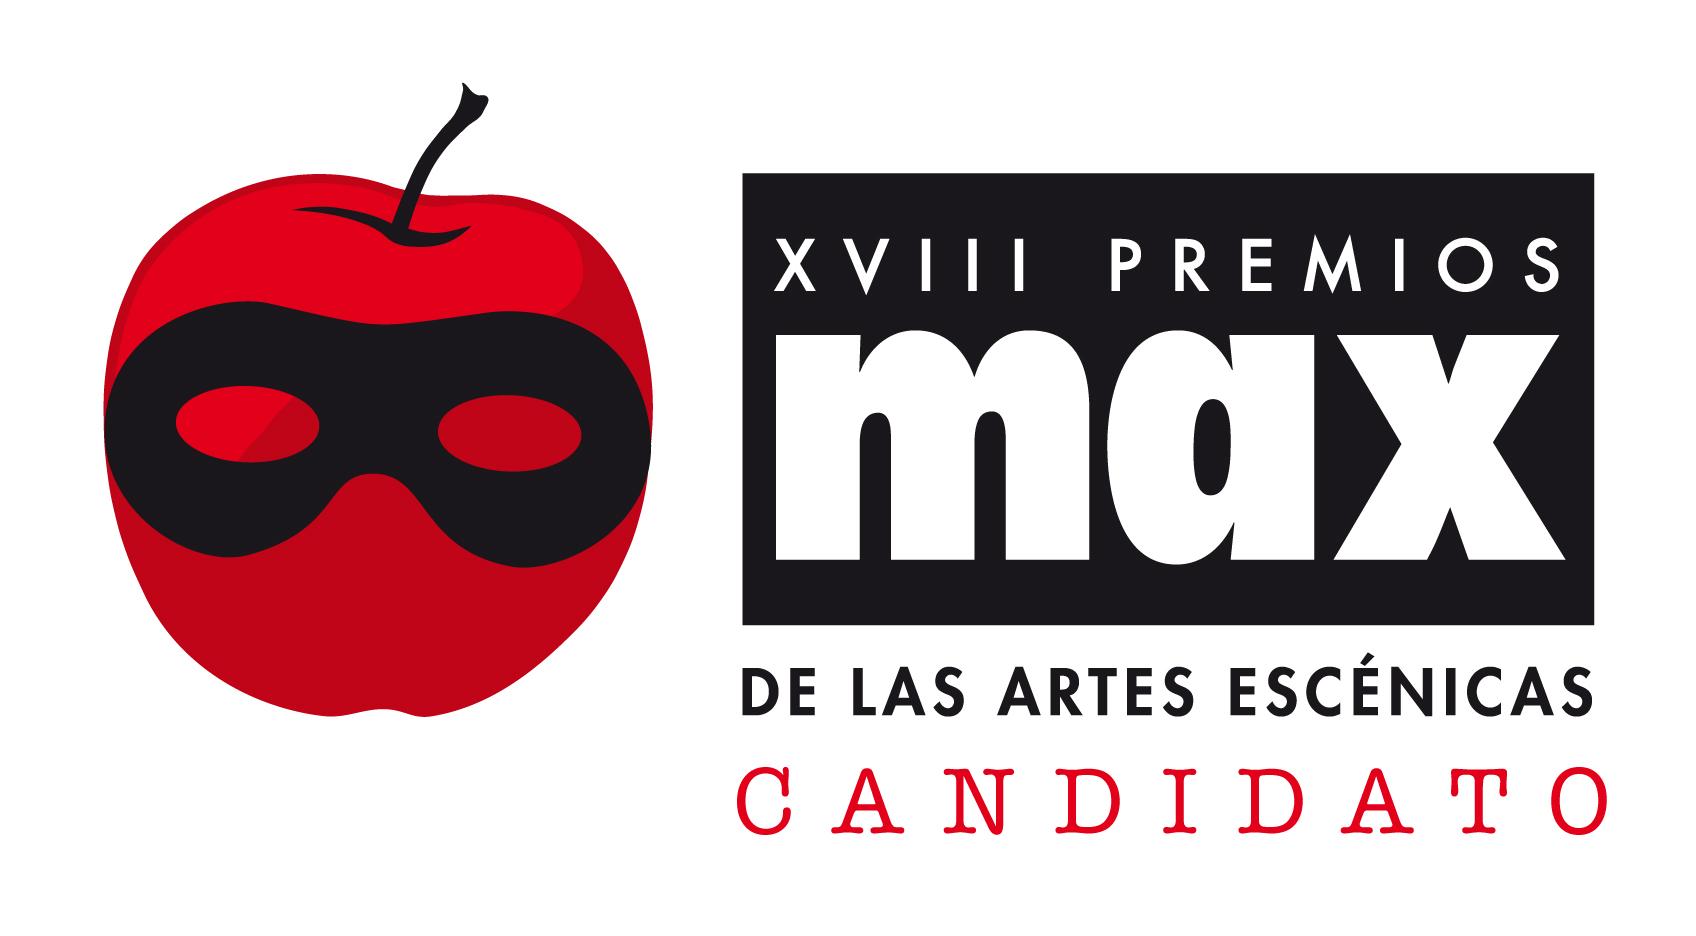 Candidato - Finalista Max